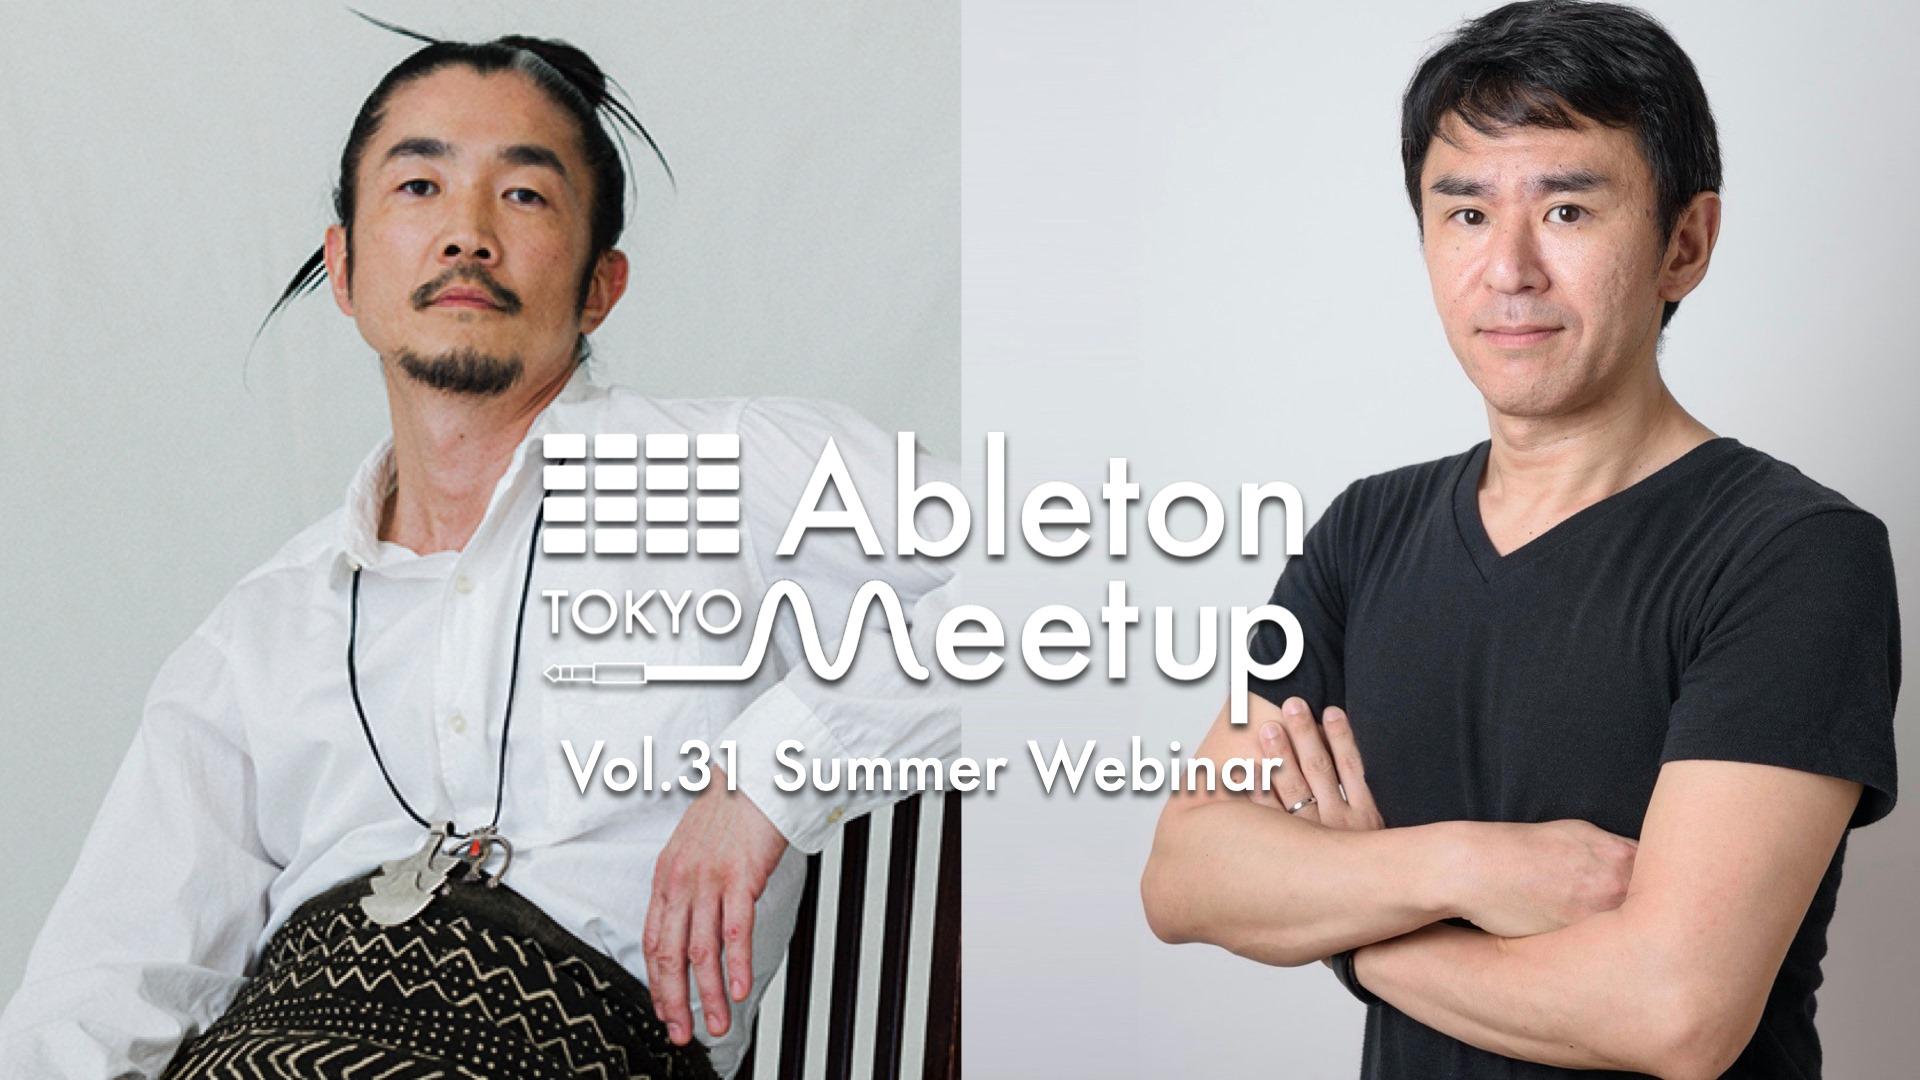 8月8日(808の日)Ableton Meetup Tokyo Vol.31 Summer Webinar開催決定 starRo氏(グラミーノミネーテッドプロデューサー)&斎藤喜寛(CANPLAY代表)出演